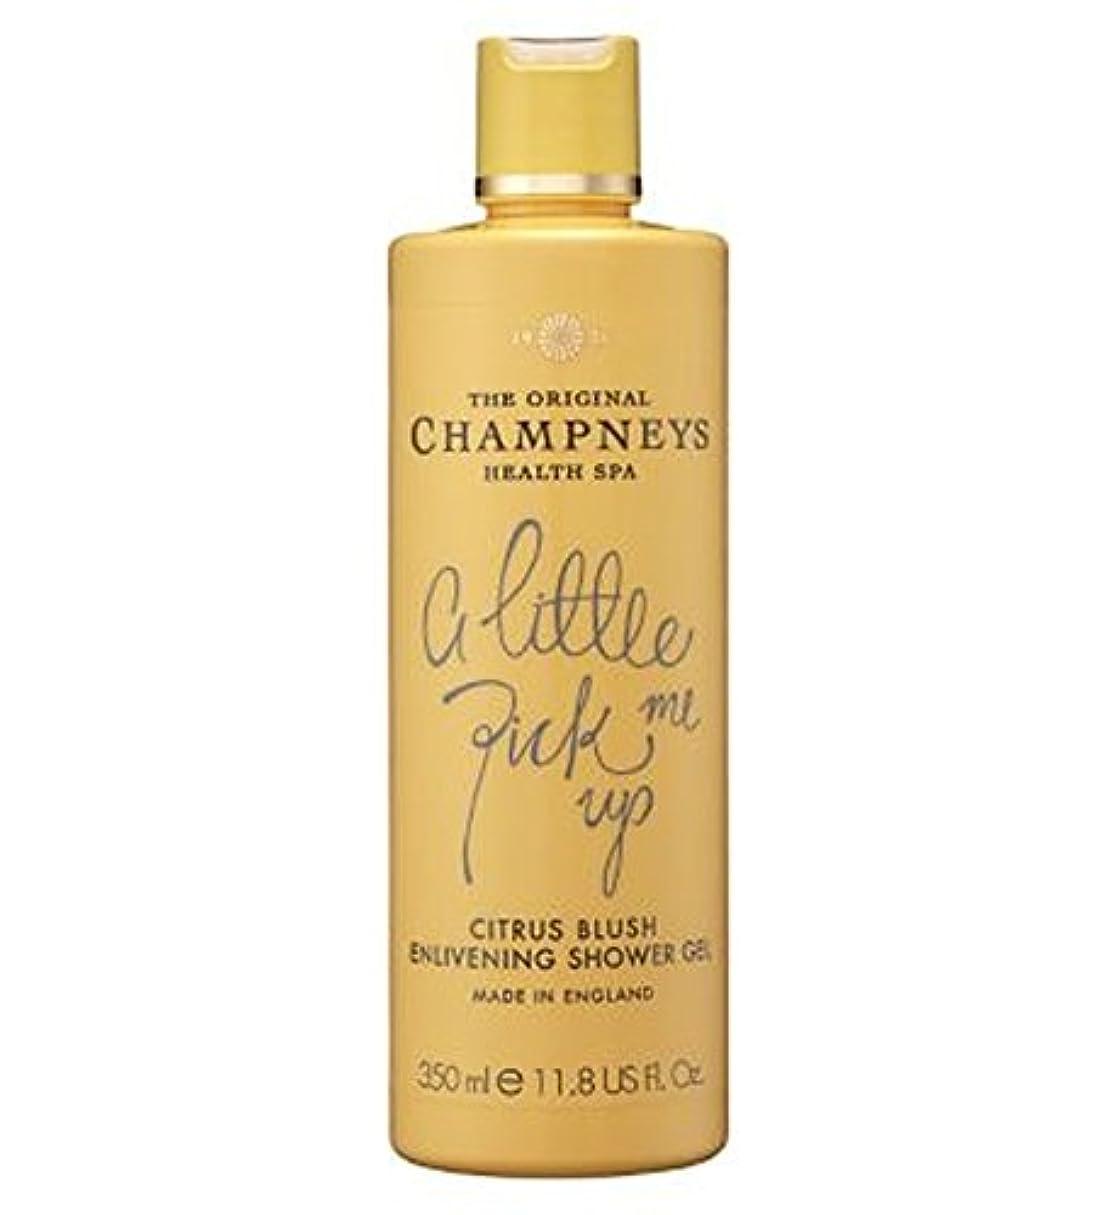 重要性ファーザーファージュ遊具Champneys Citrus Blush Enlivening Shower Gel 350ml - チャンプニーズシトラス赤面盛り上げシャワージェル350ミリリットル (Champneys) [並行輸入品]